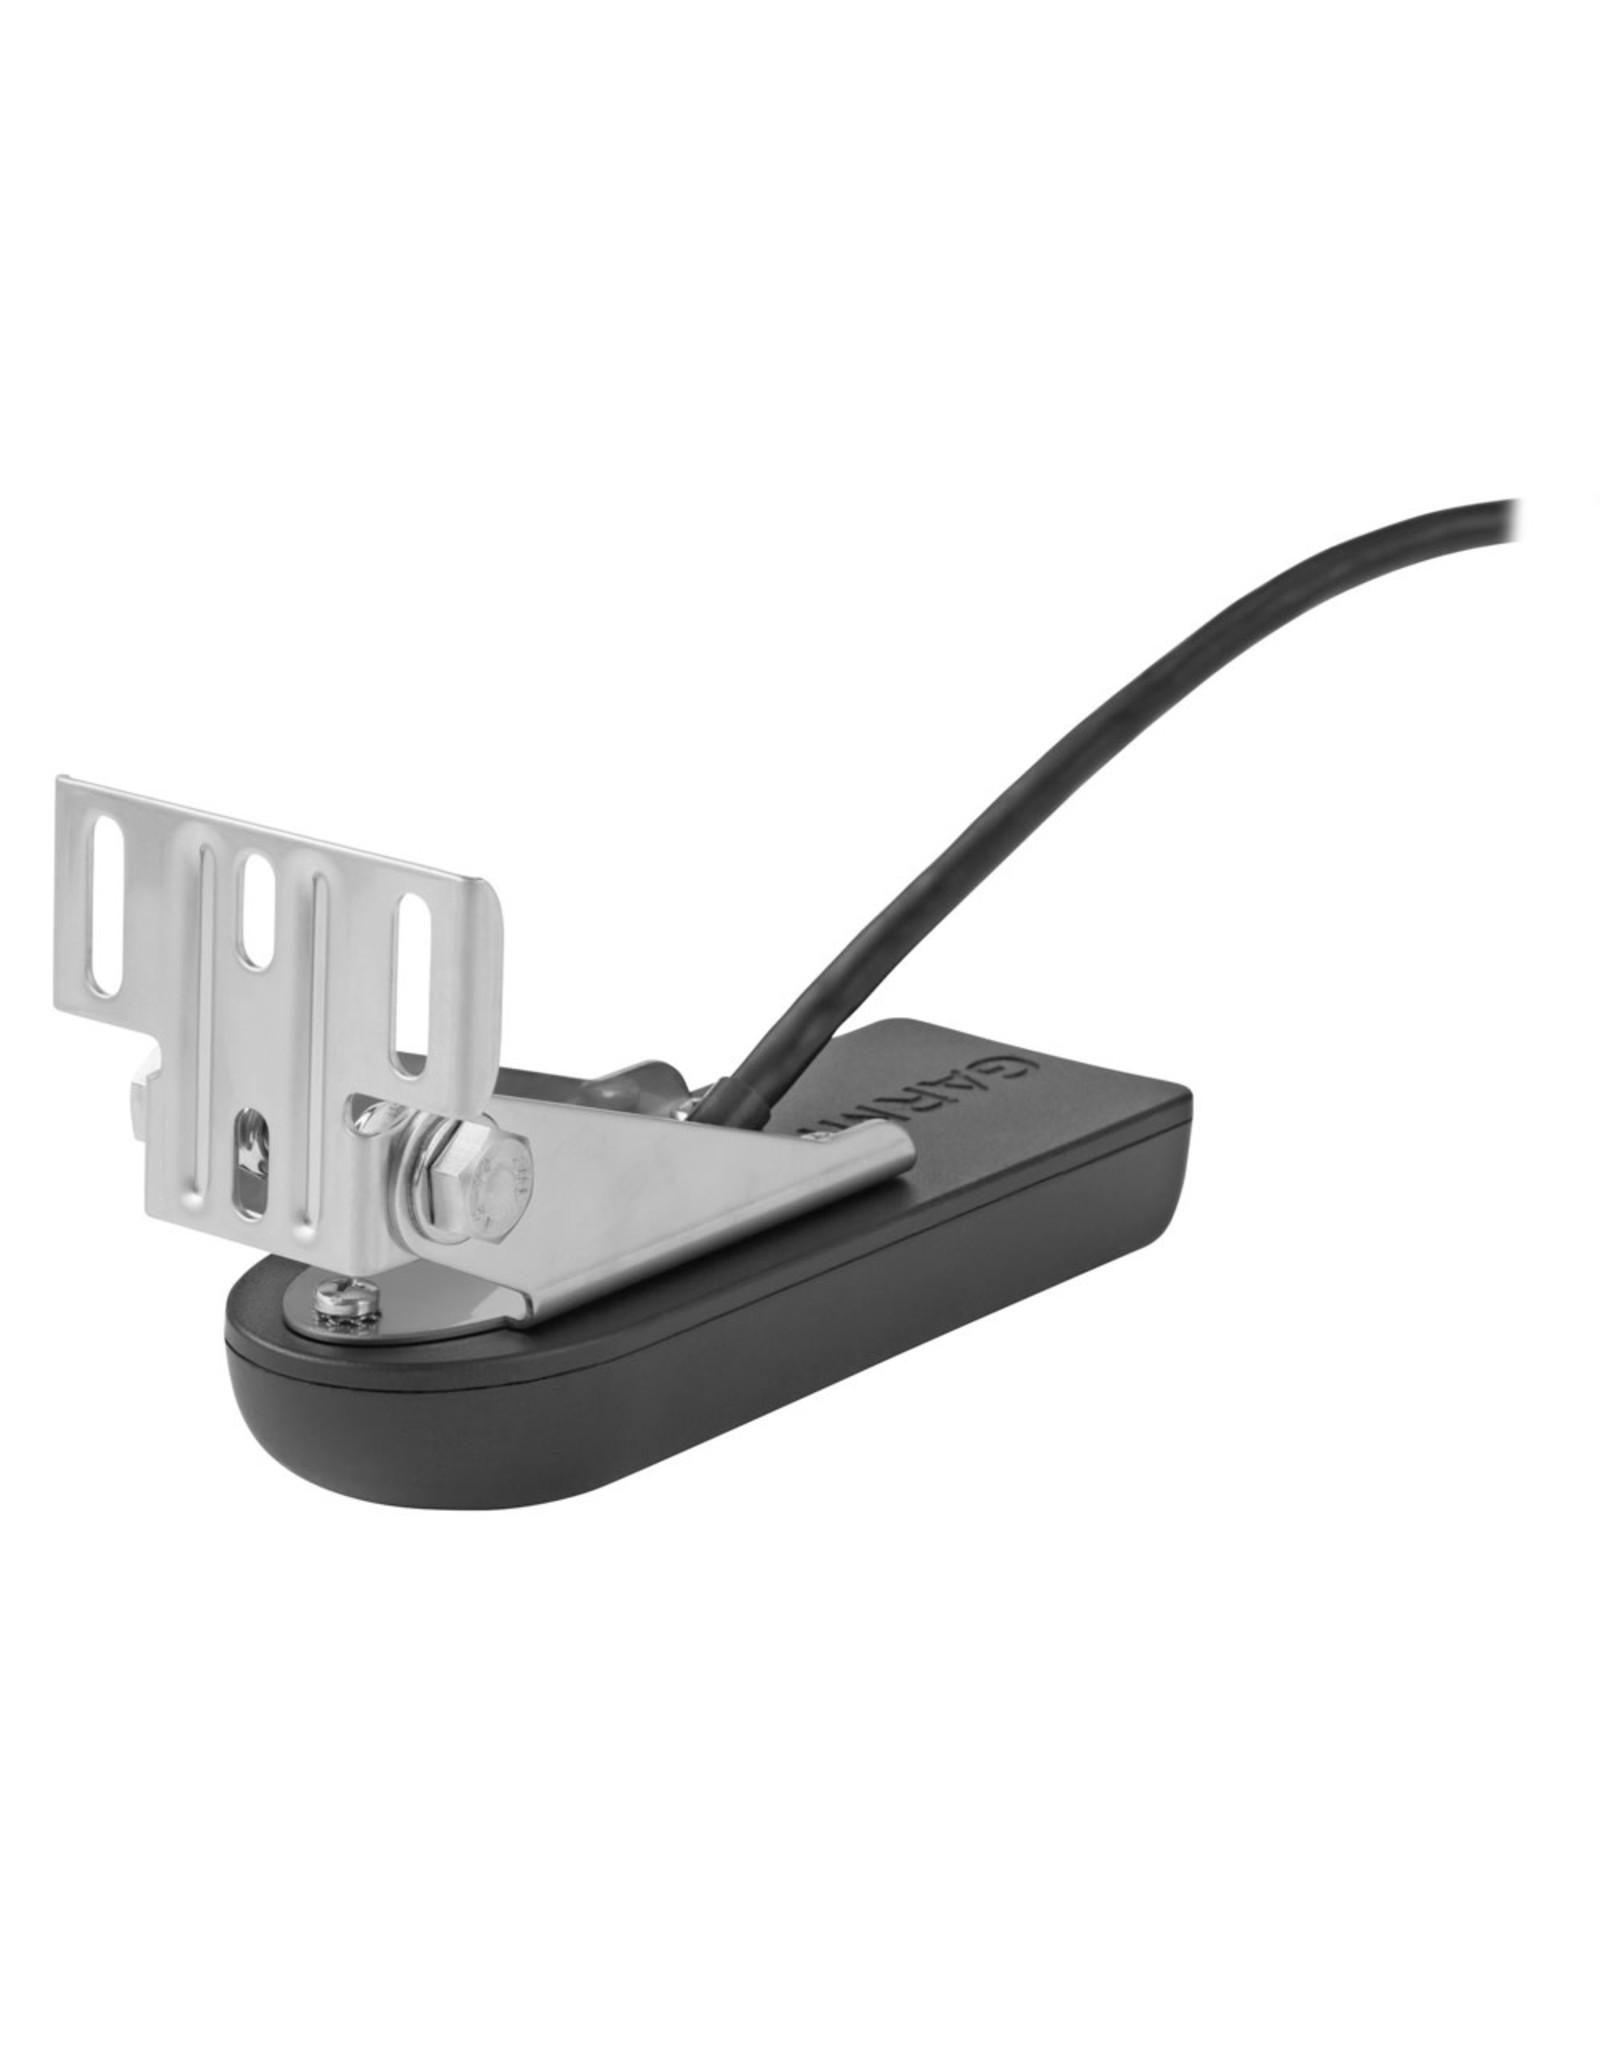 Garmin GT52HW-TM Plastic, TM or Trolling Motor Transducer